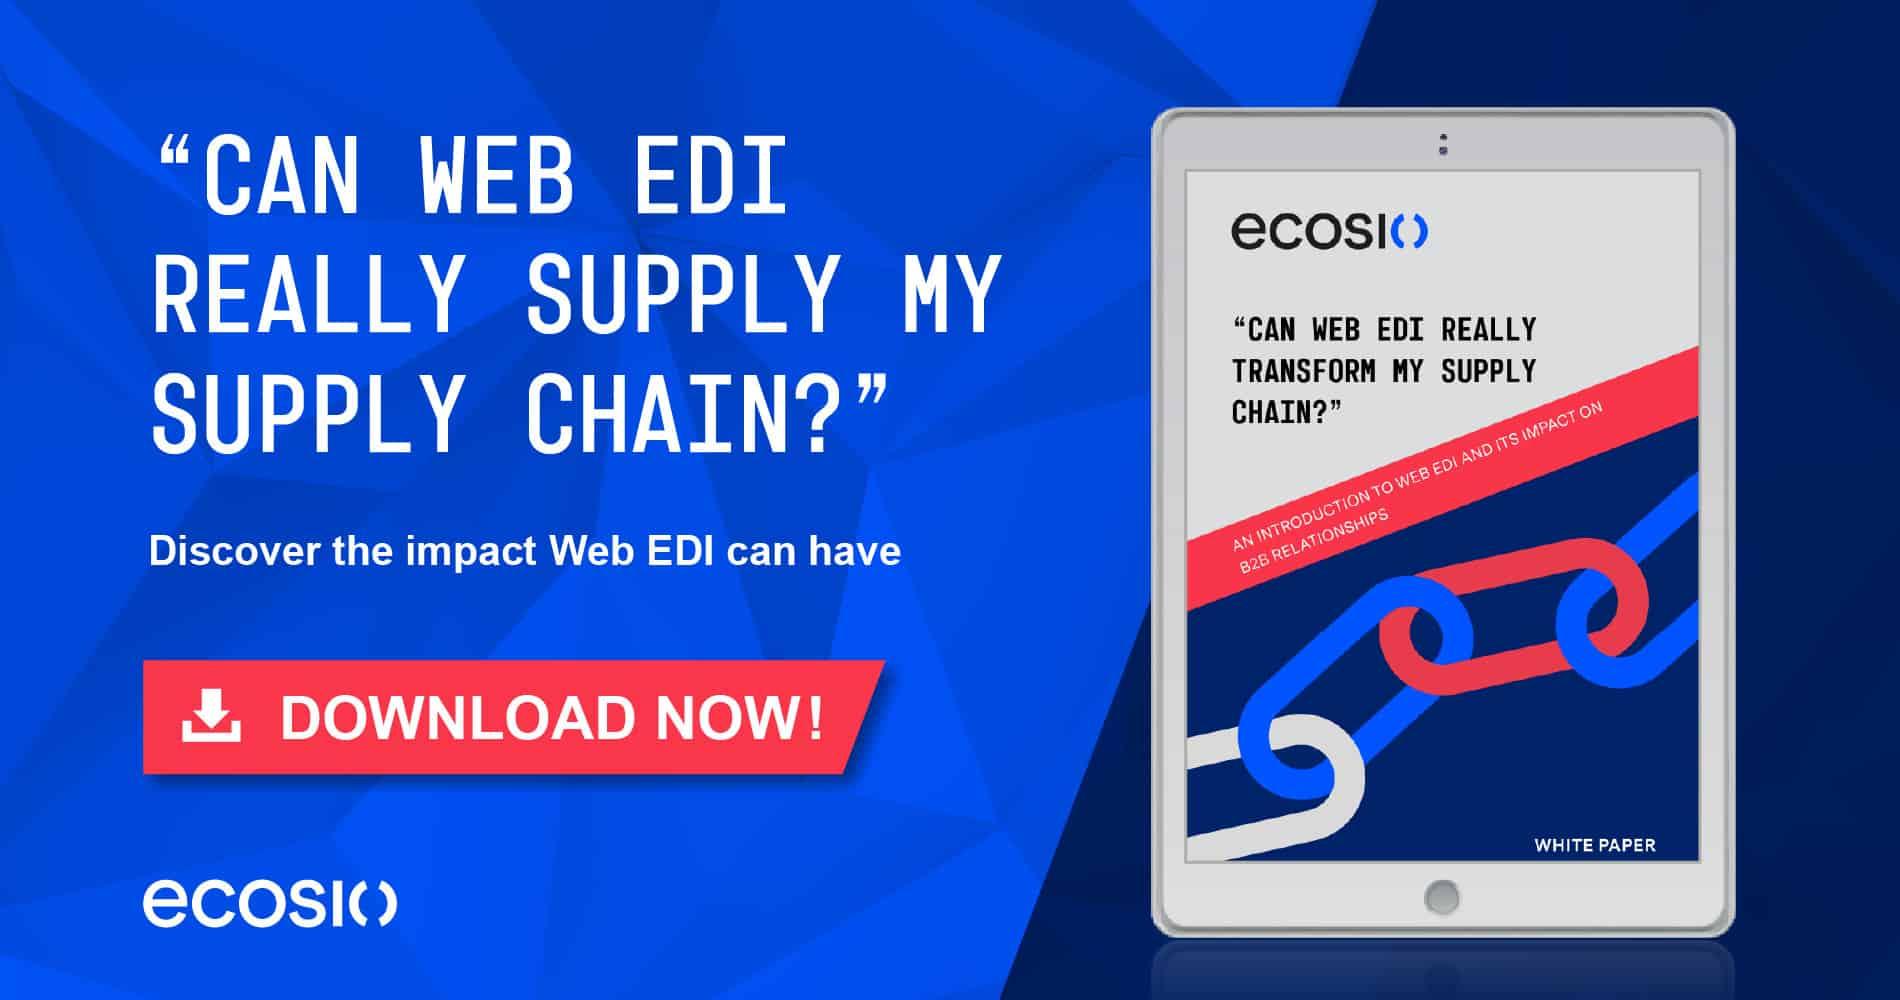 Can Web EDI Transform My Supply Chain - White Paper